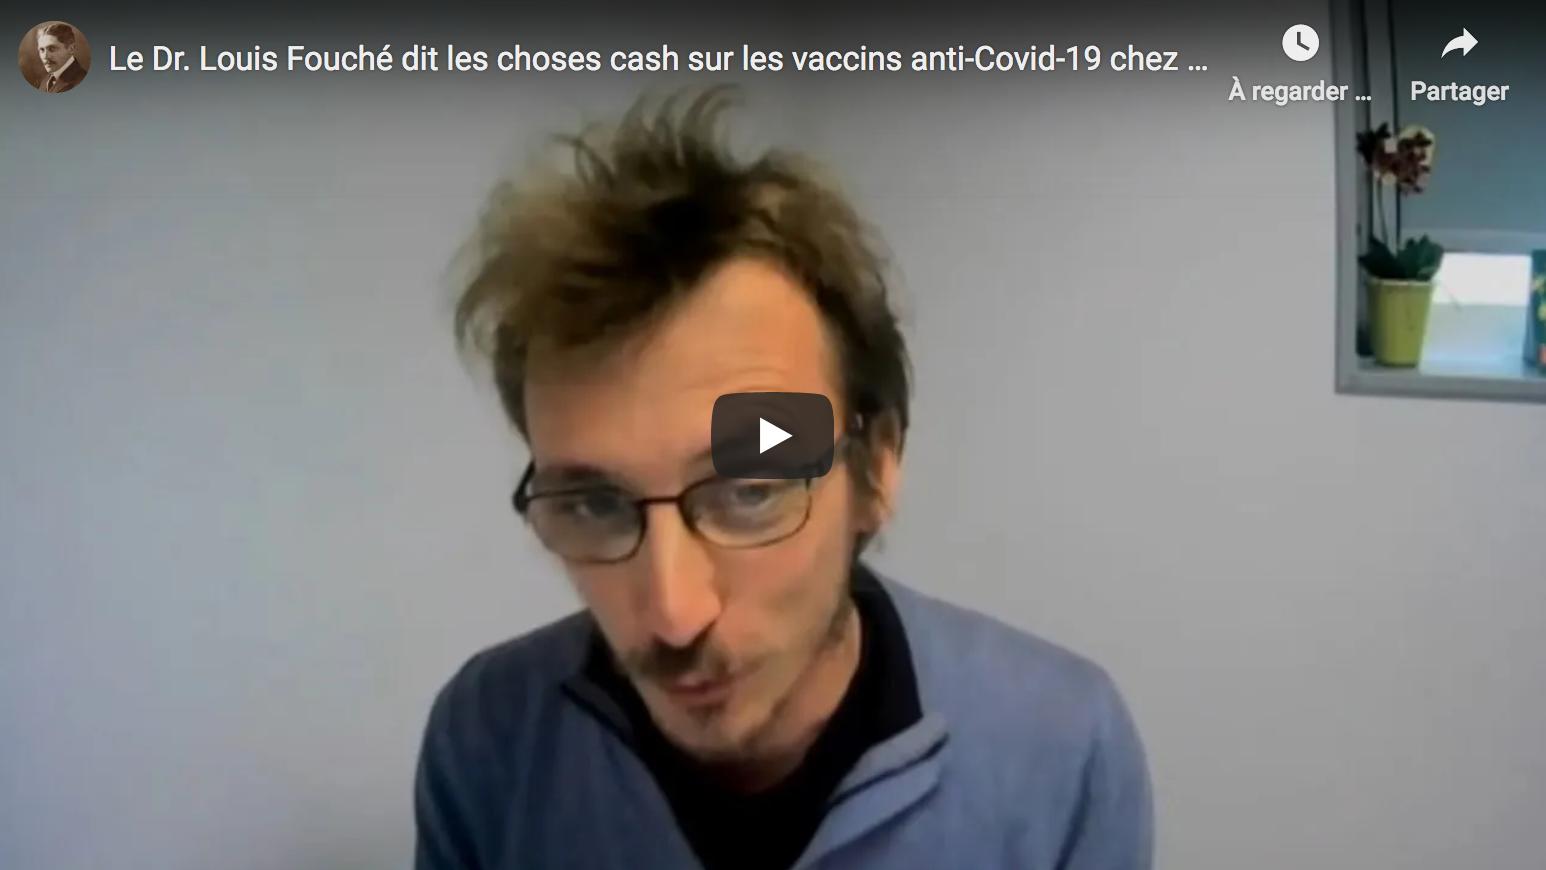 Le Dr Louis Fouché dit les choses cash sur les vaccins anti-Covid-19 (VIDÉO)